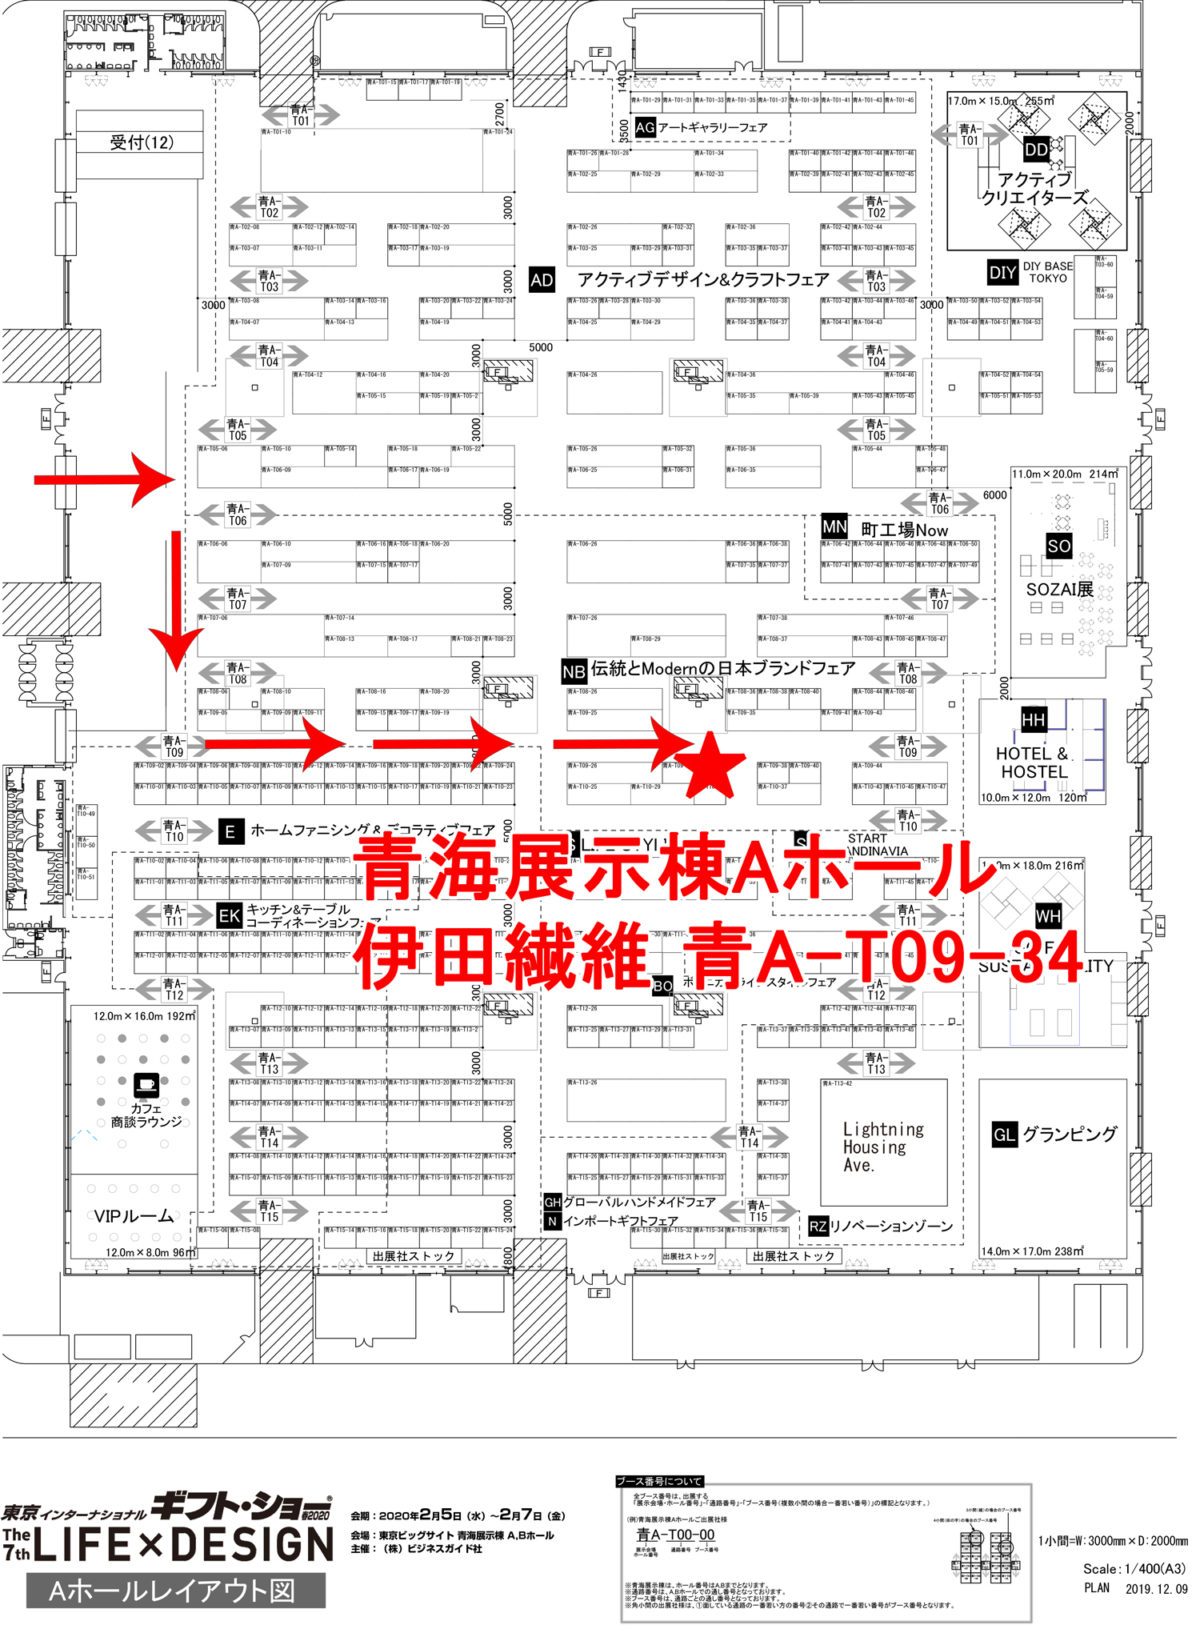 第88回東京インターナショナル・ギフト・ショー春2020(2/5-7)に出展